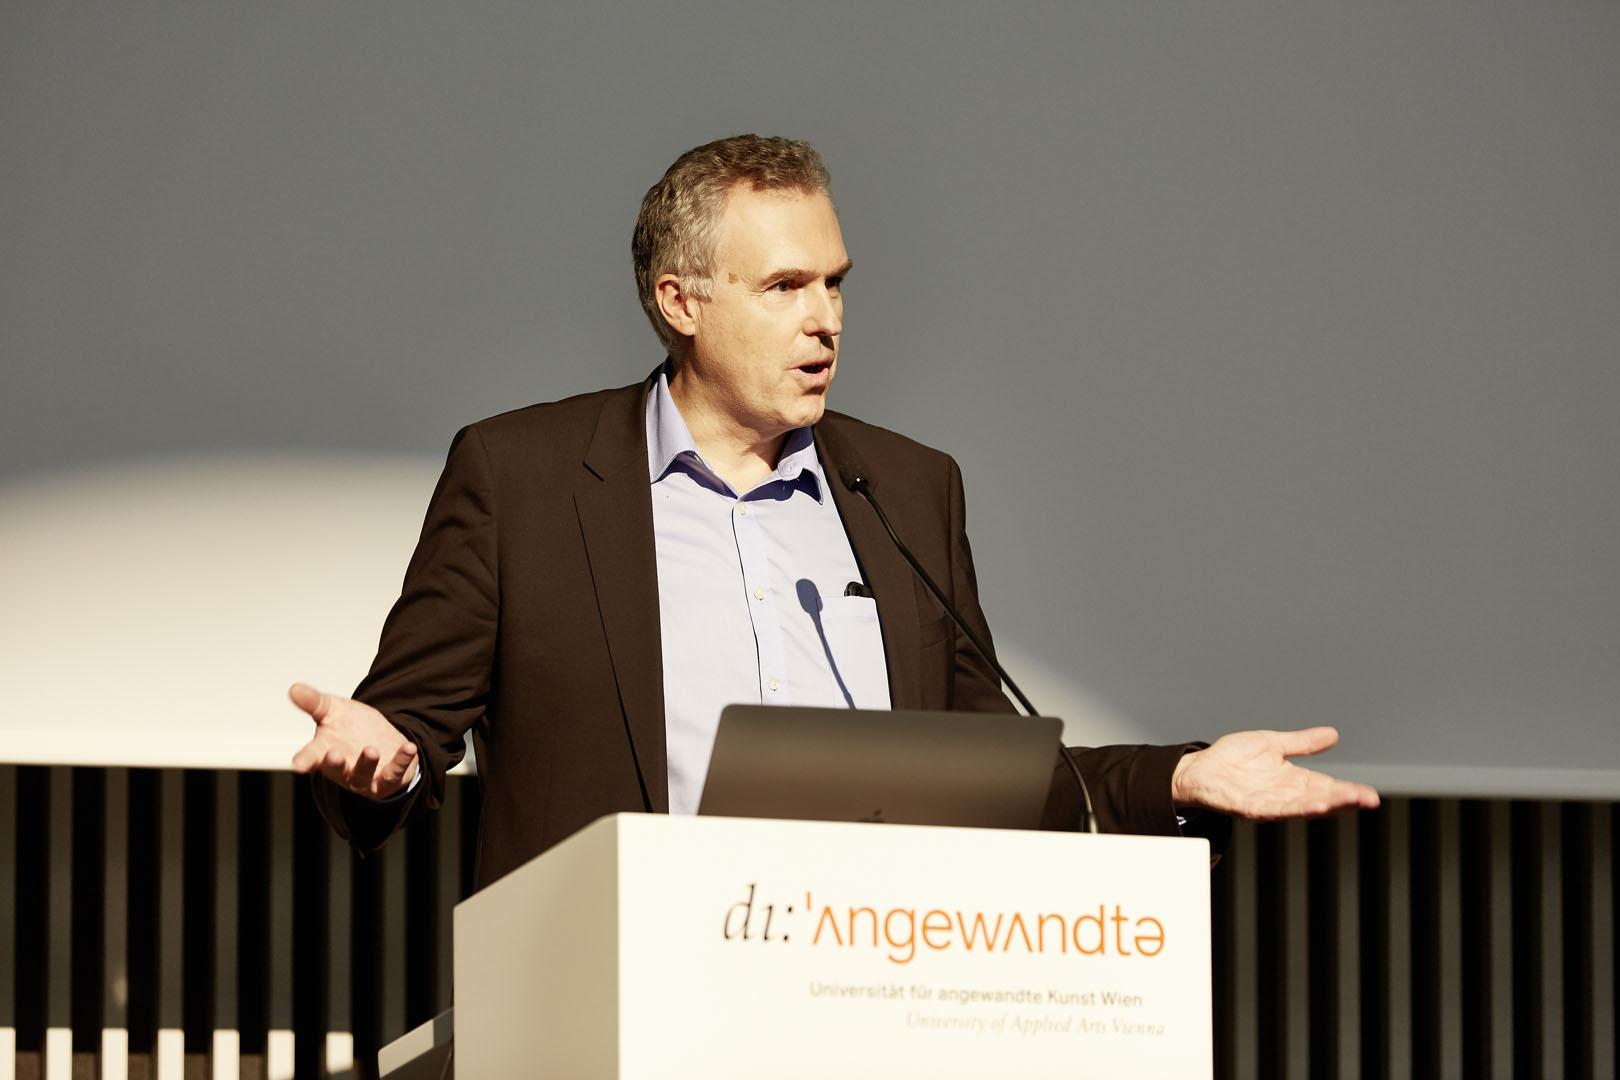 Dirketor des MAK Christoph Thun-Hohenstein leitet ein